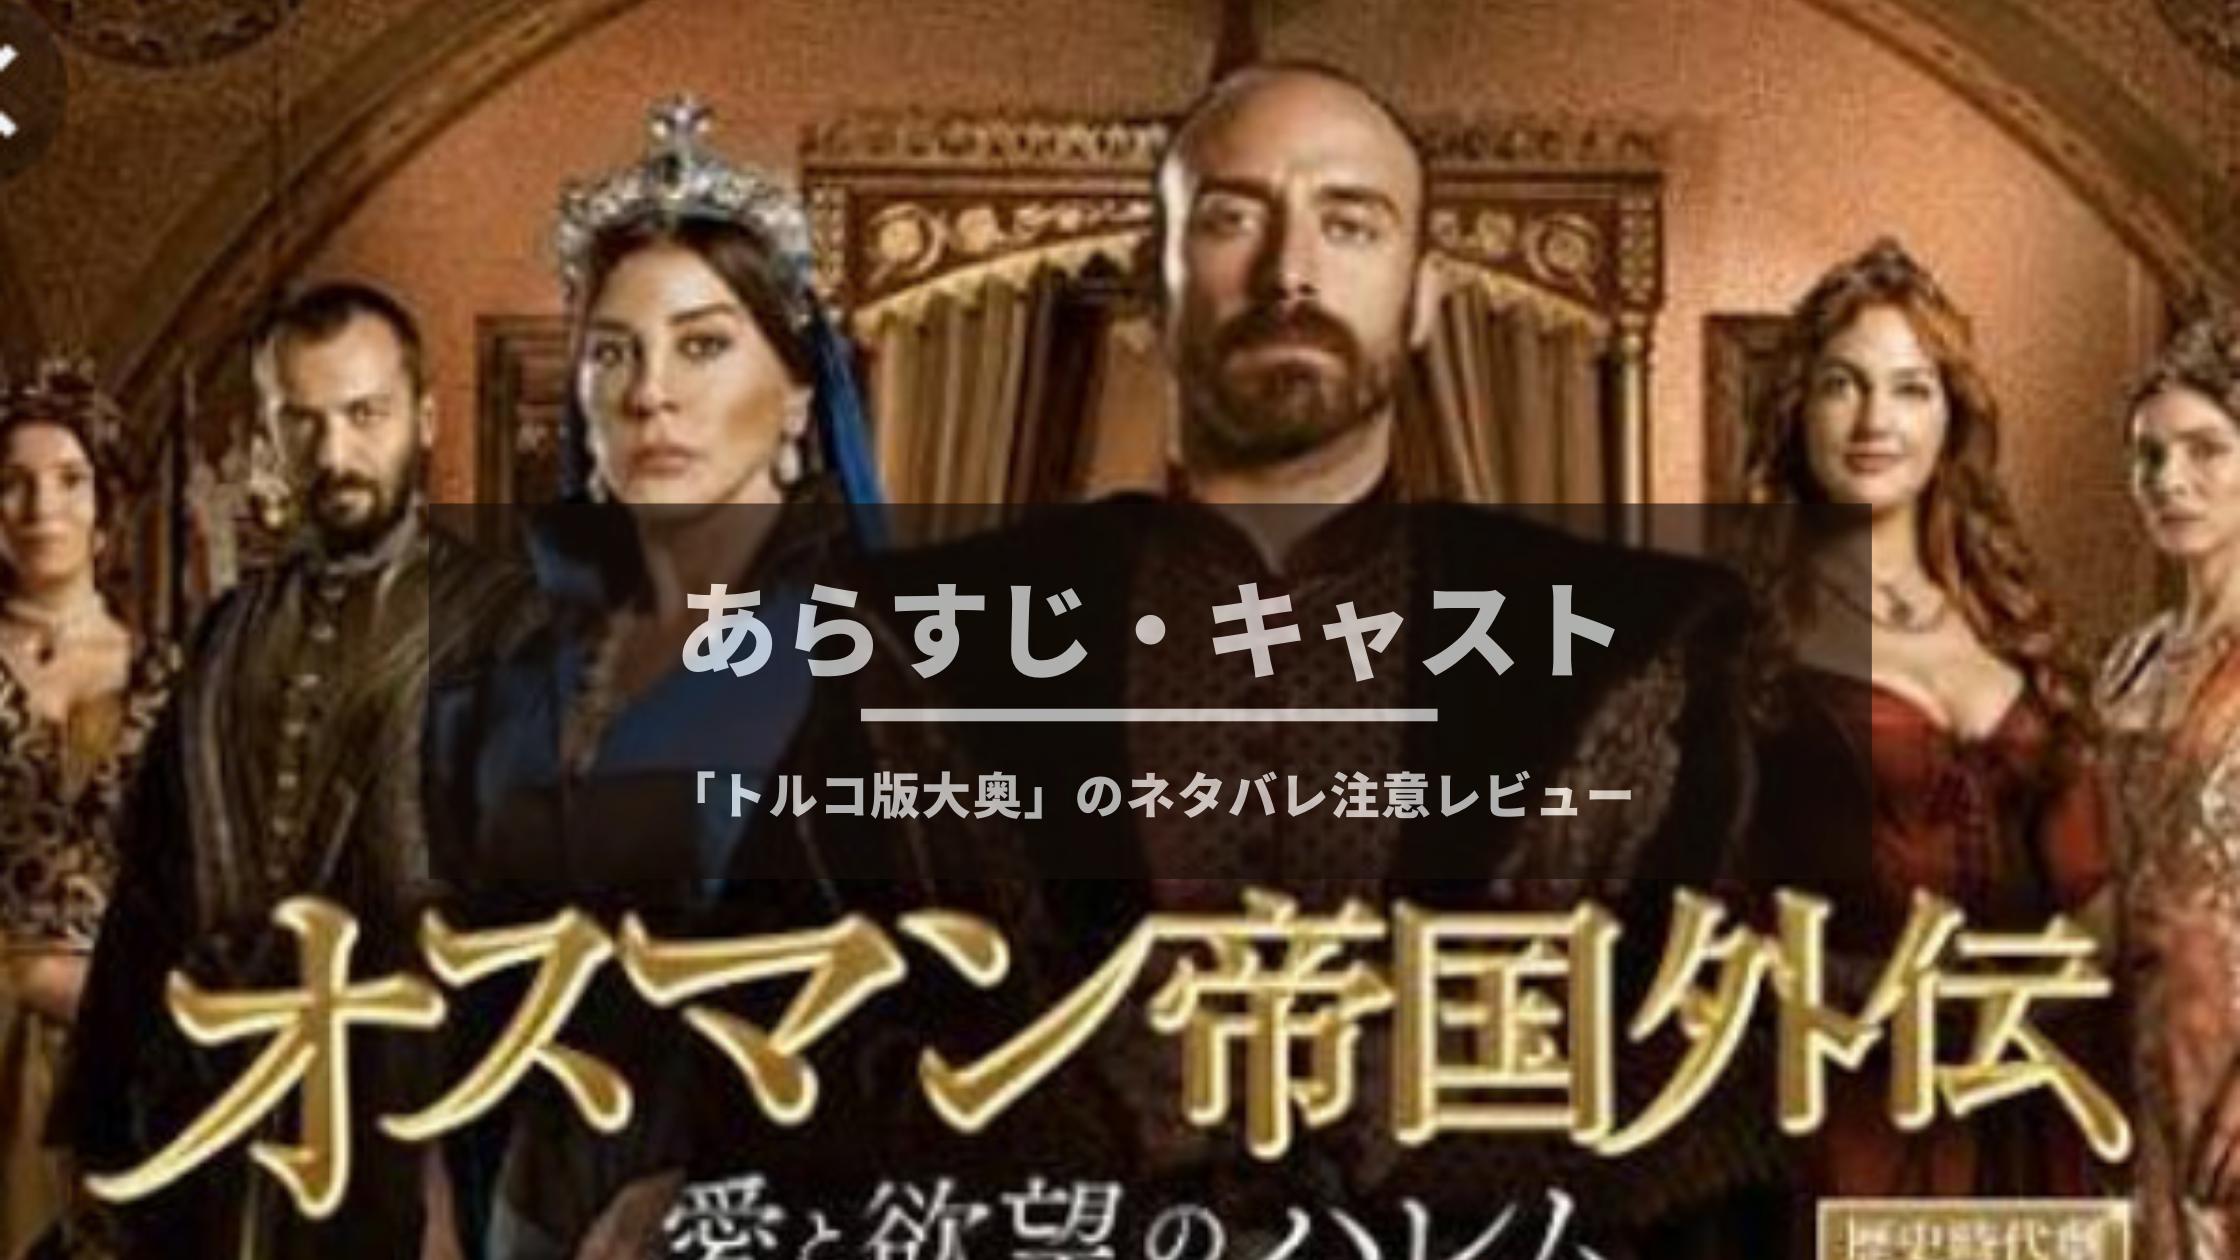 帝国 シーズン オスマン 4 あらすじ 外伝